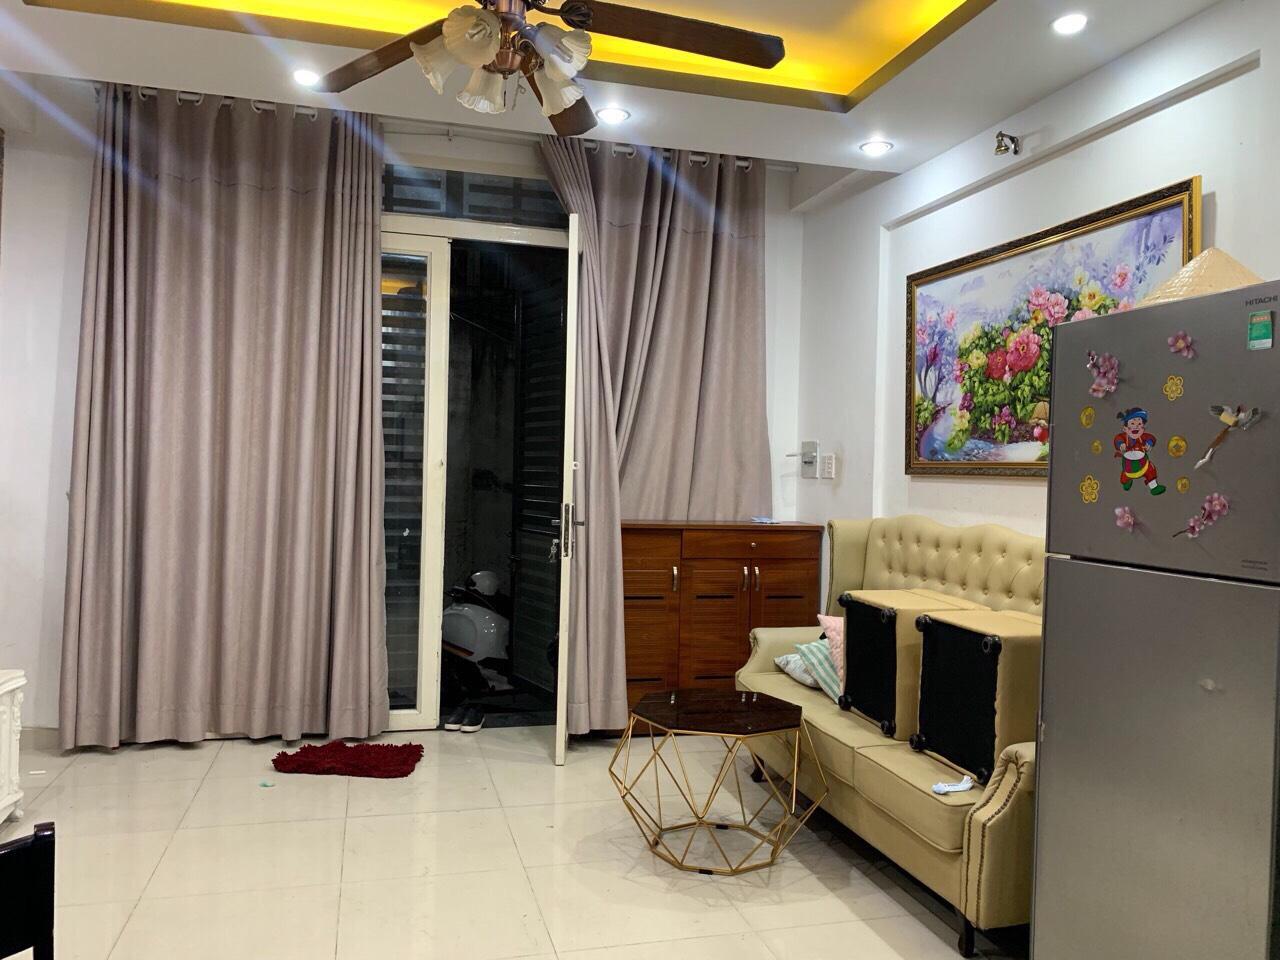 Nhà trệt 2 lầu, Nguyễn Duy Dương, Quận 10. Chỉ 7 tỷ 600.